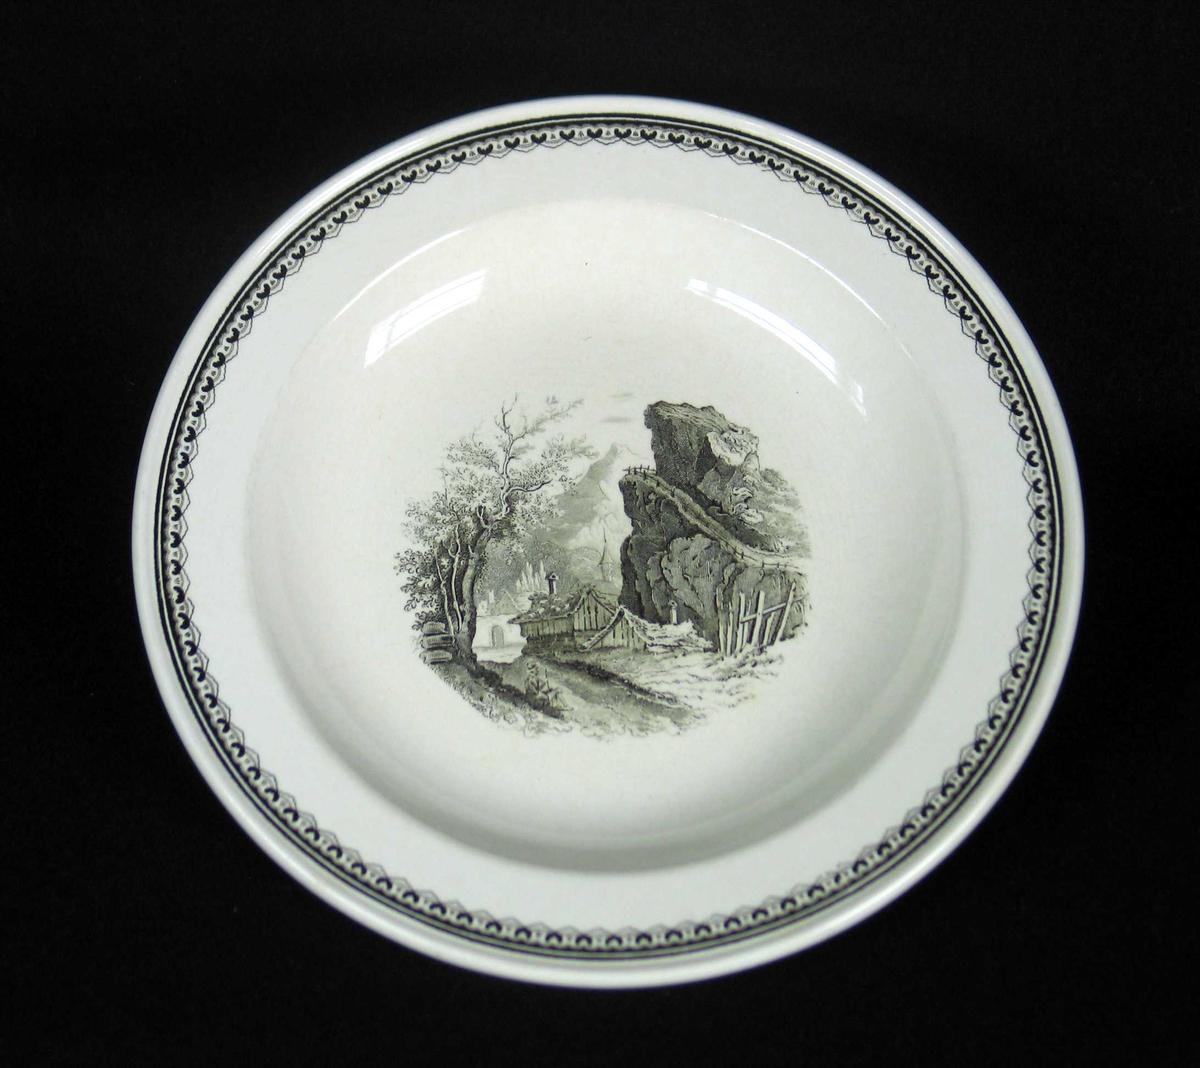 Suppetallerken i offwhite keramikk med sort dekor.